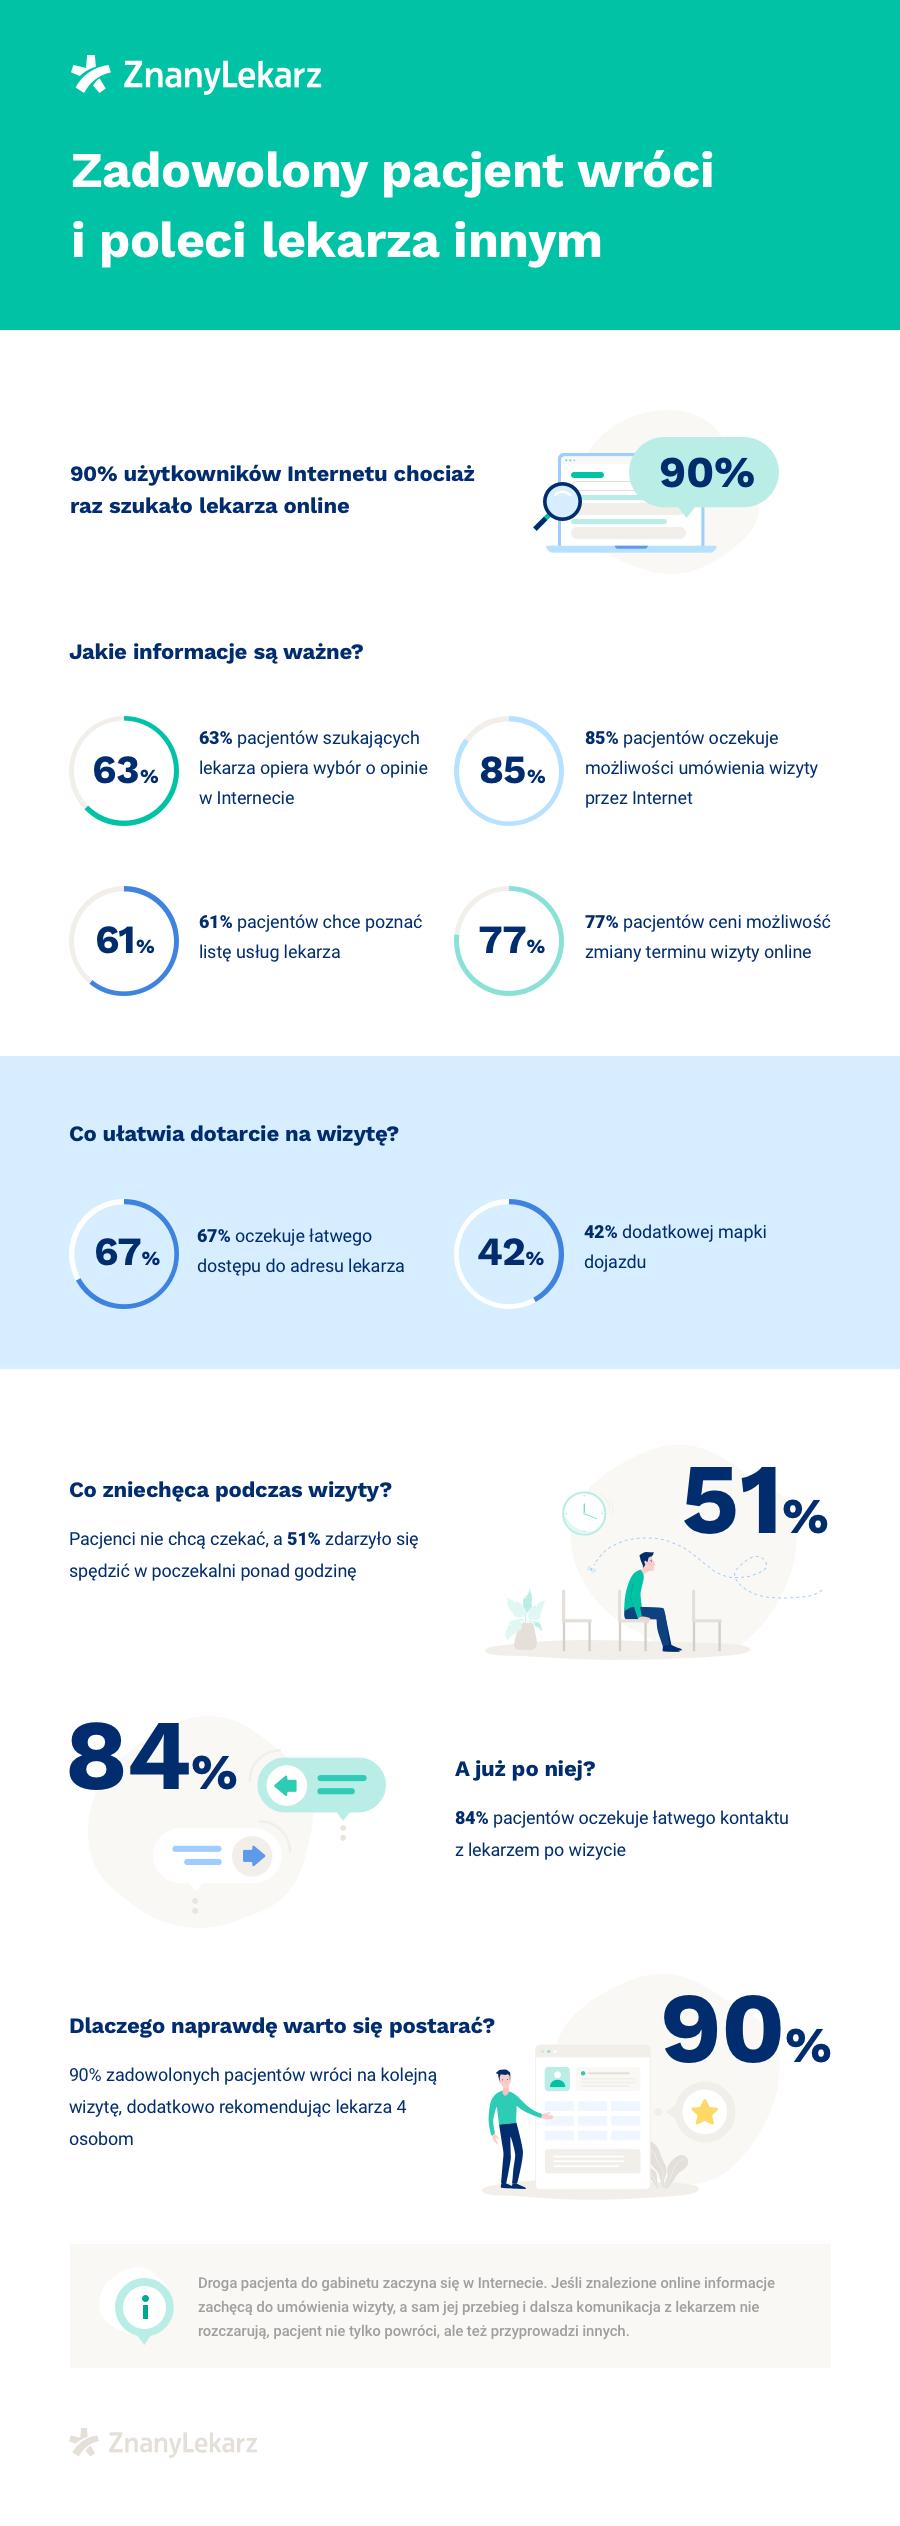 infographic_1_x1